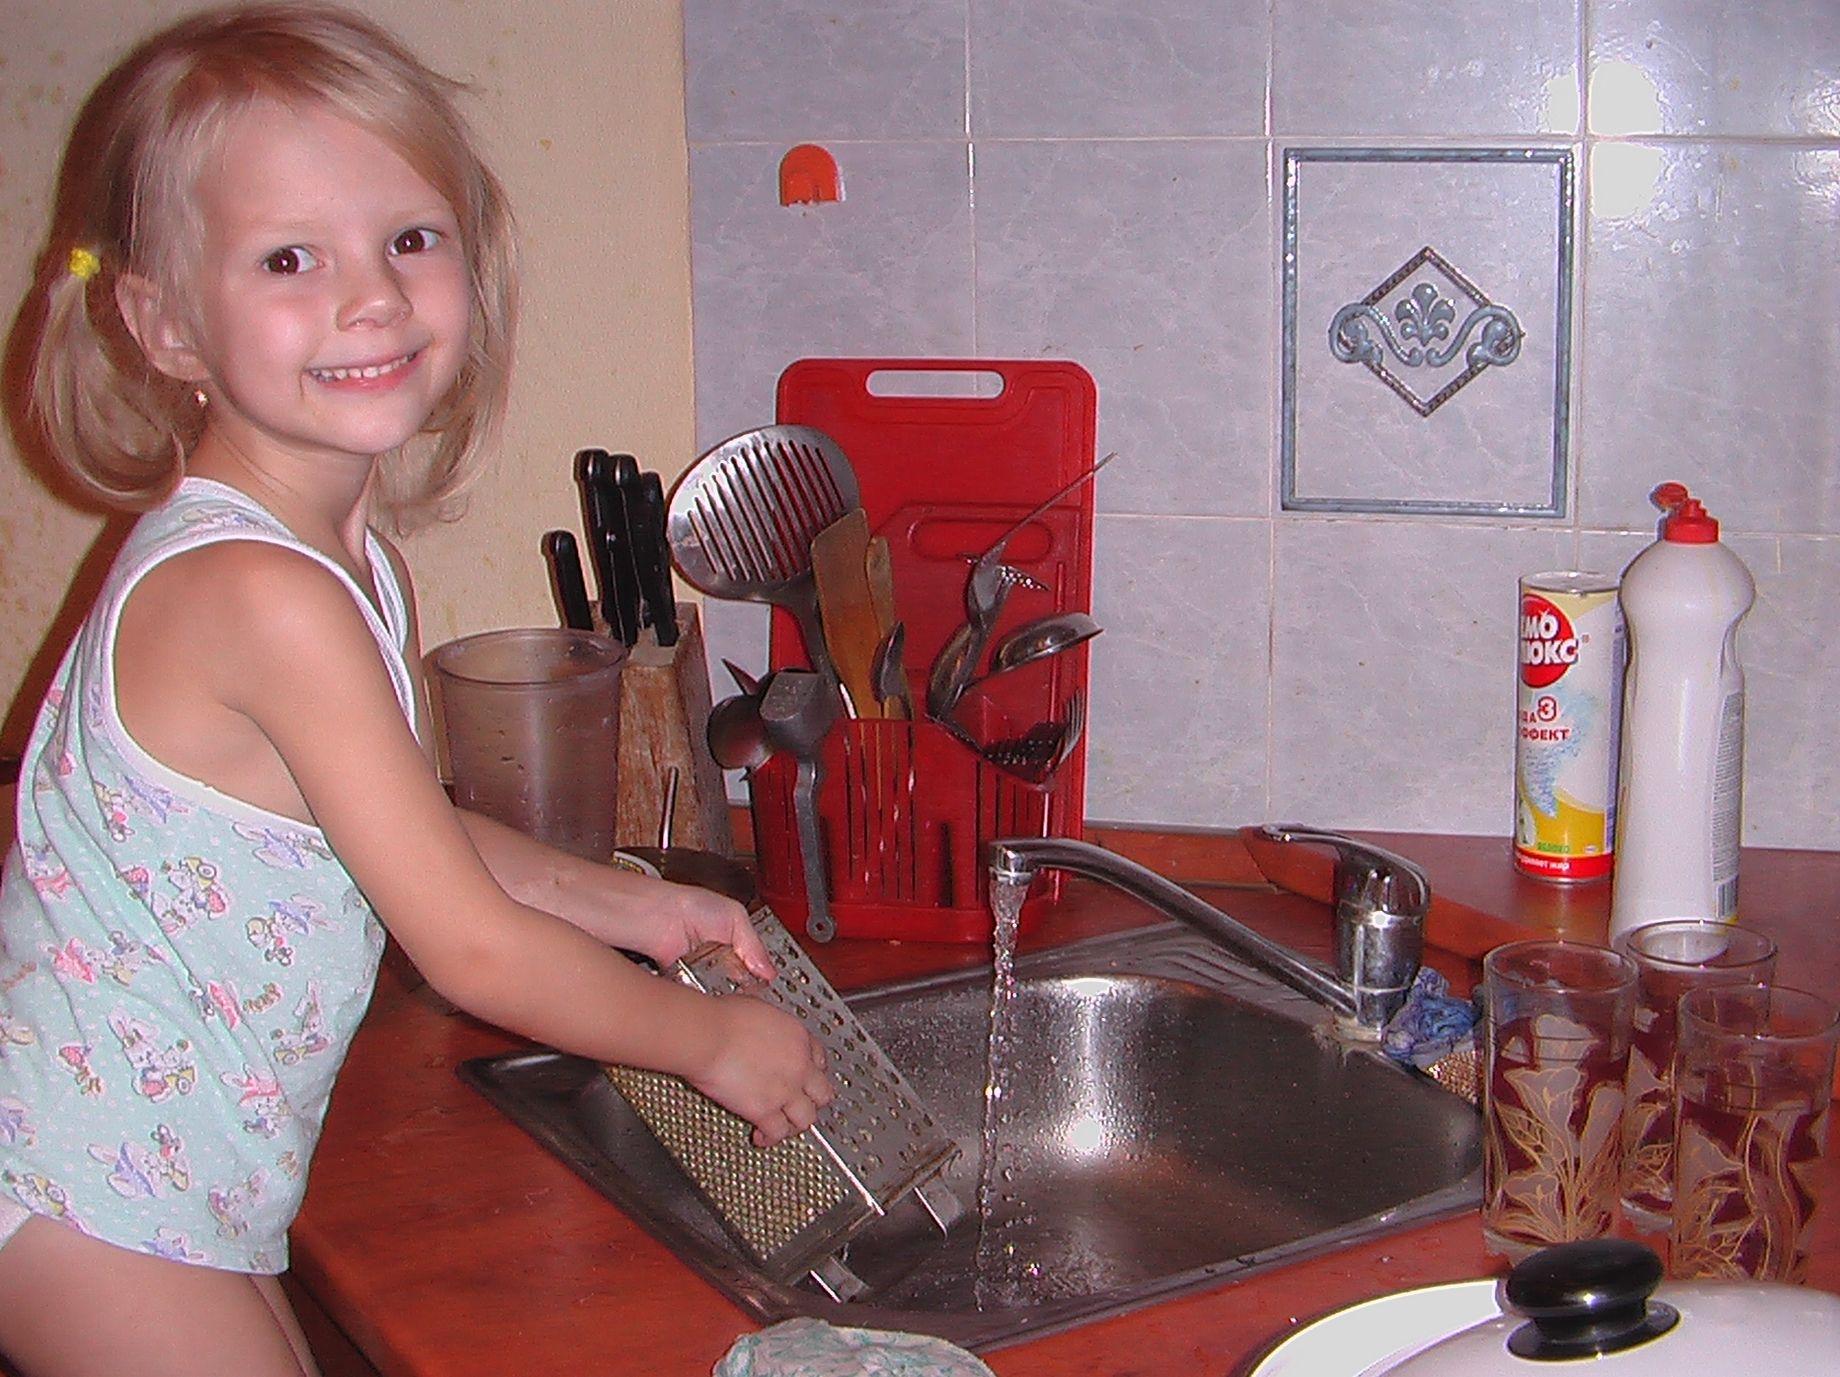 Сын моется дома 11 фотография